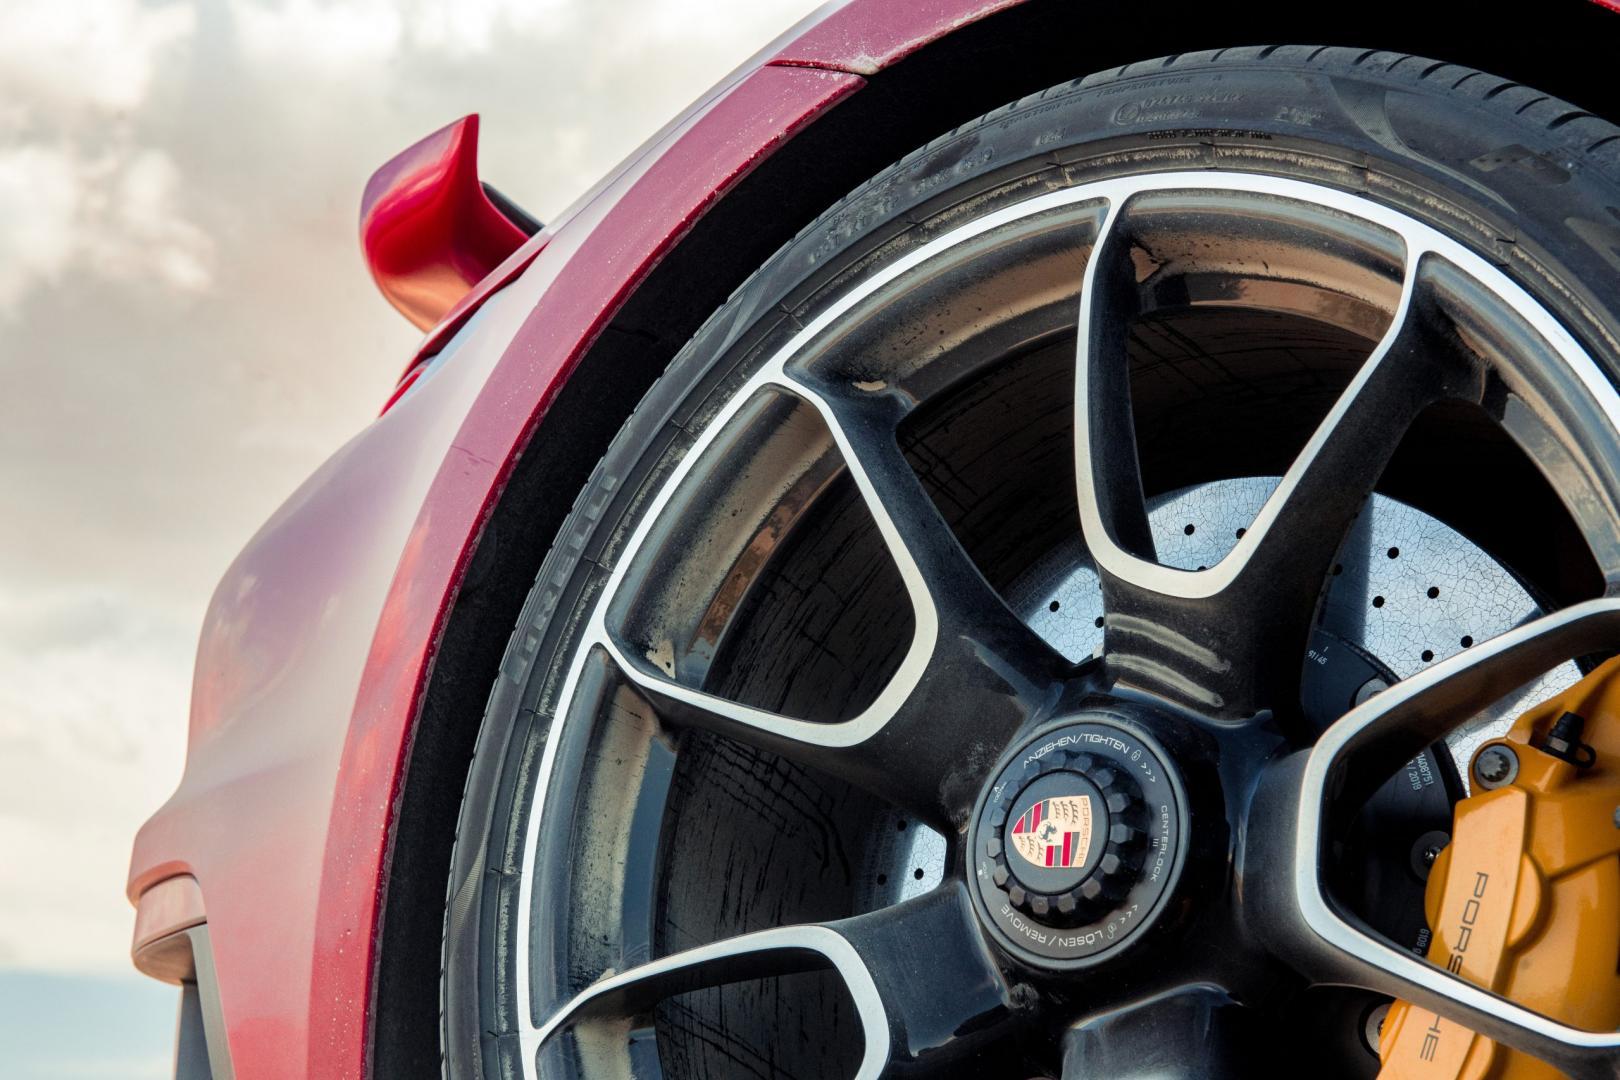 Keramische remmen en velgen Porsche 911 Turbo S 992